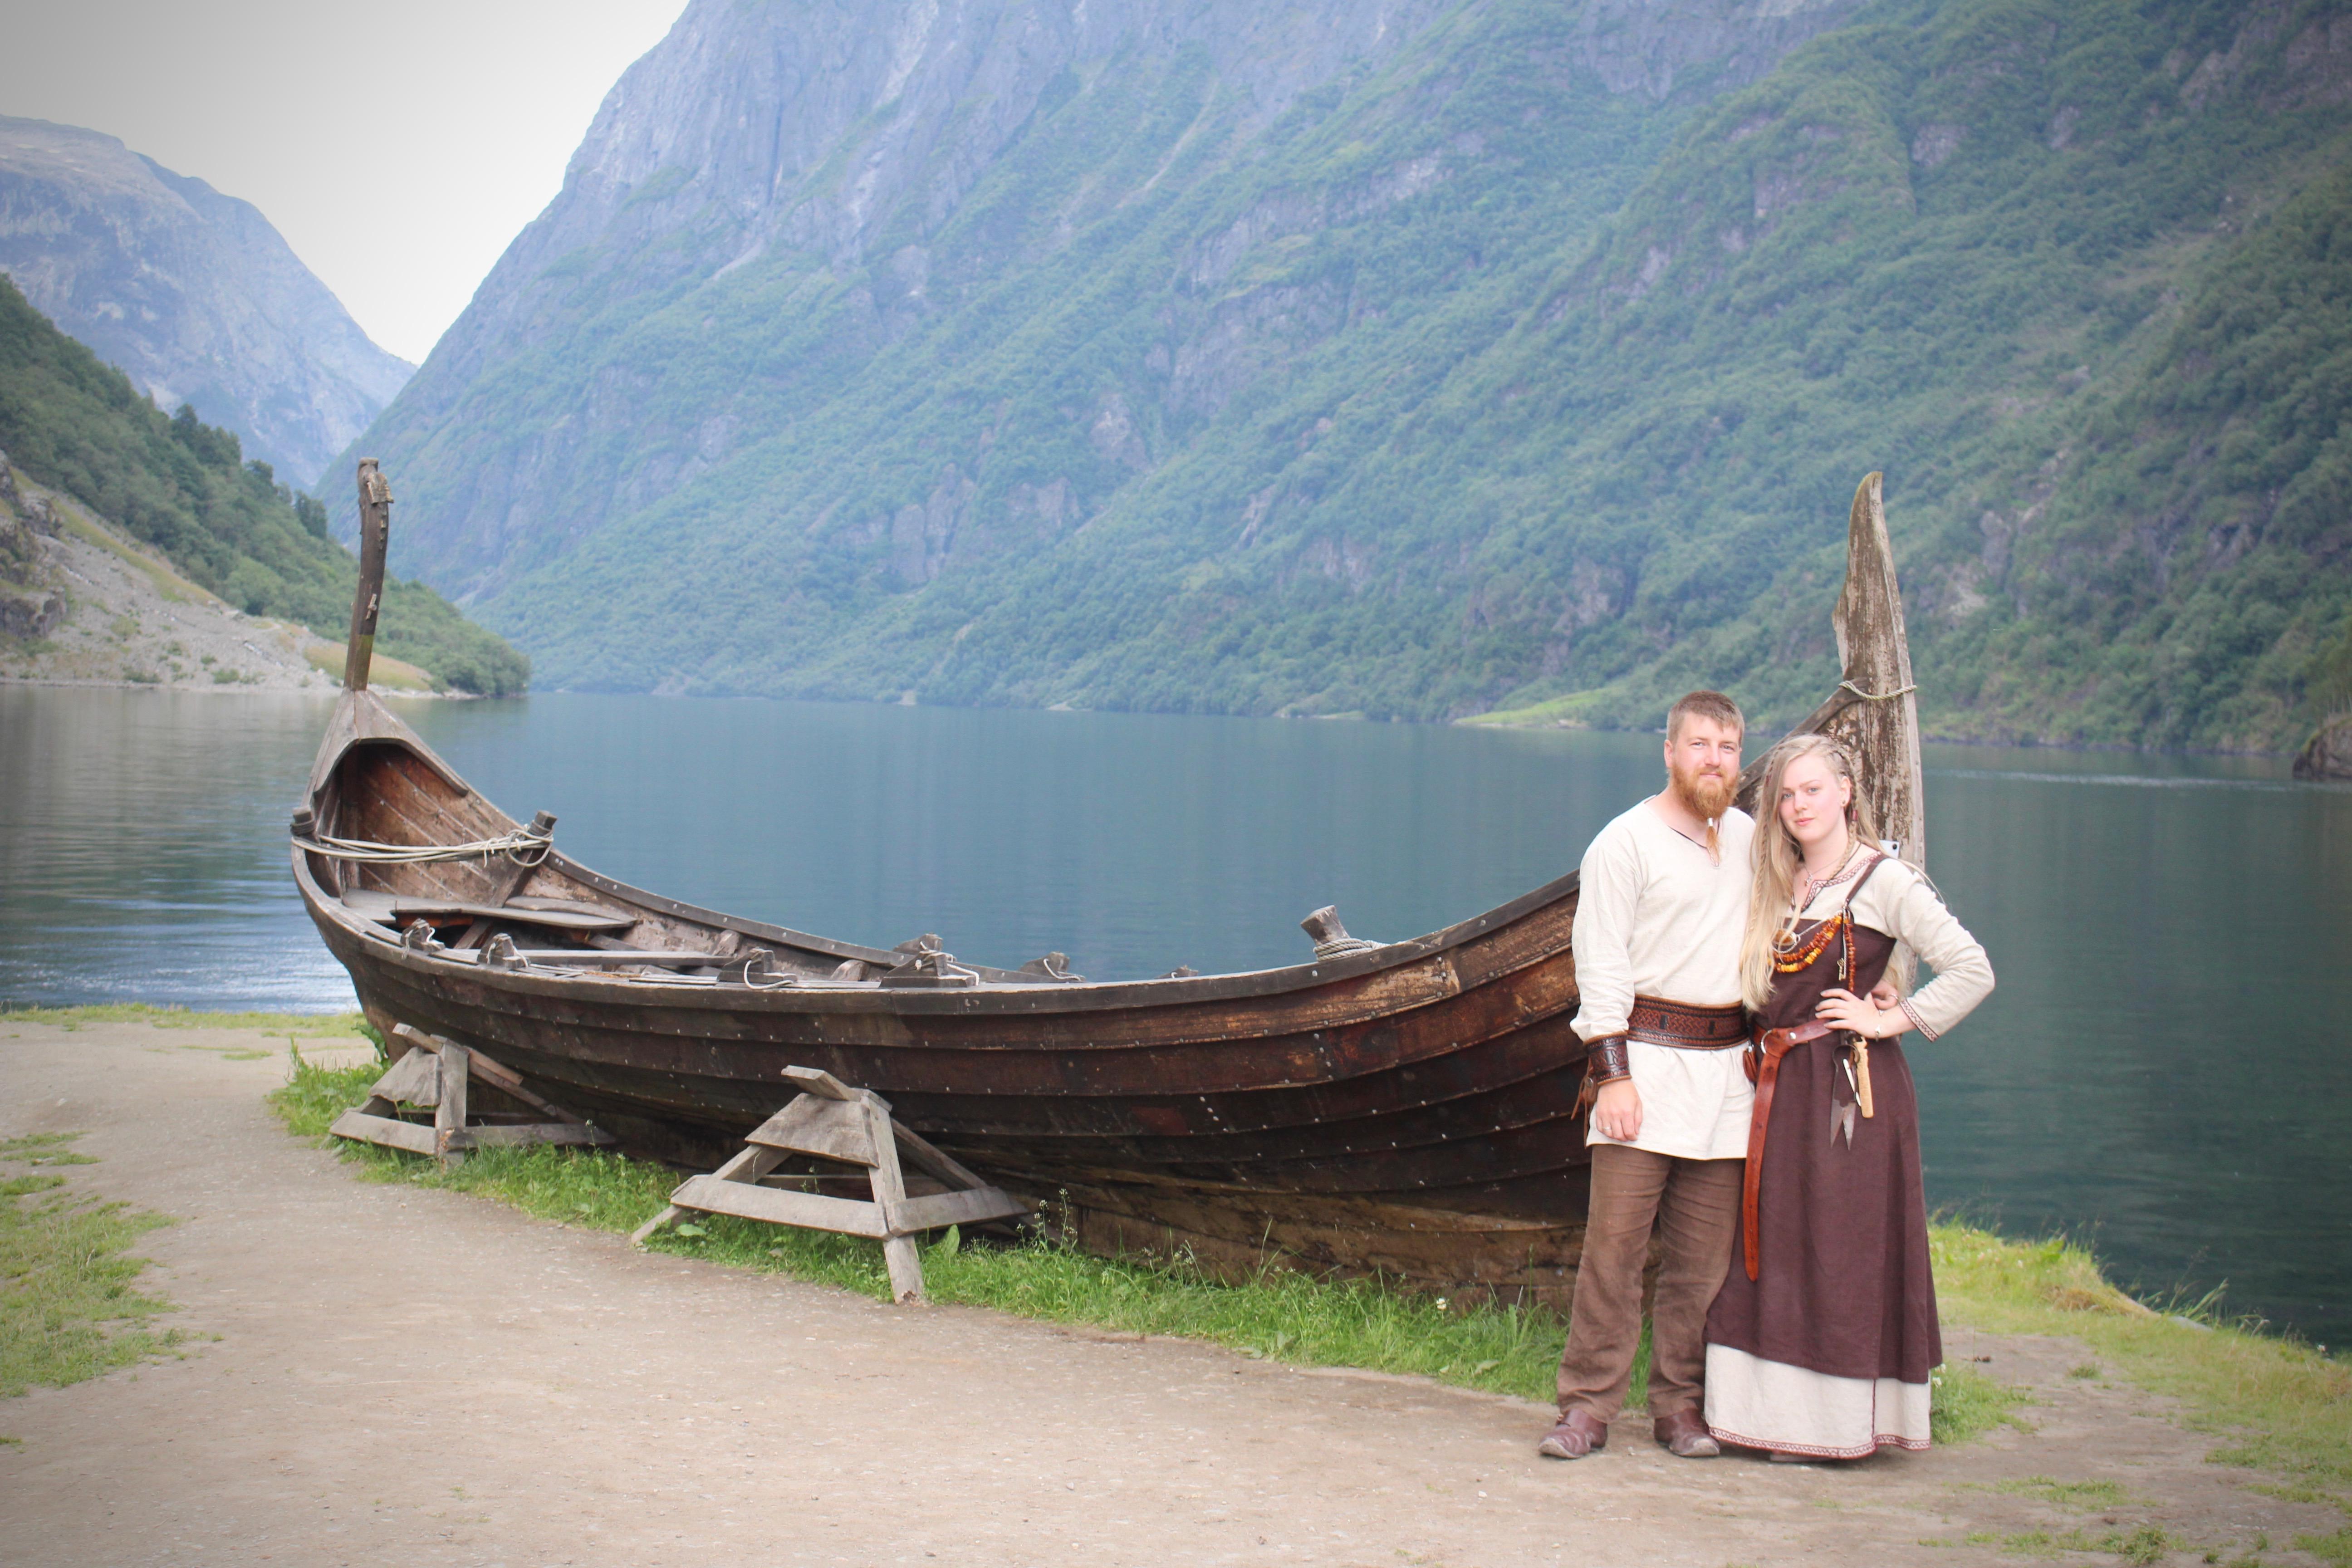 – Dette er tatt under markedet på Gudvangen i fjor. Sammen med meg på bildet er håndverkeren Colin Smiley som lager vakre ting inspirert av vikingtiden.